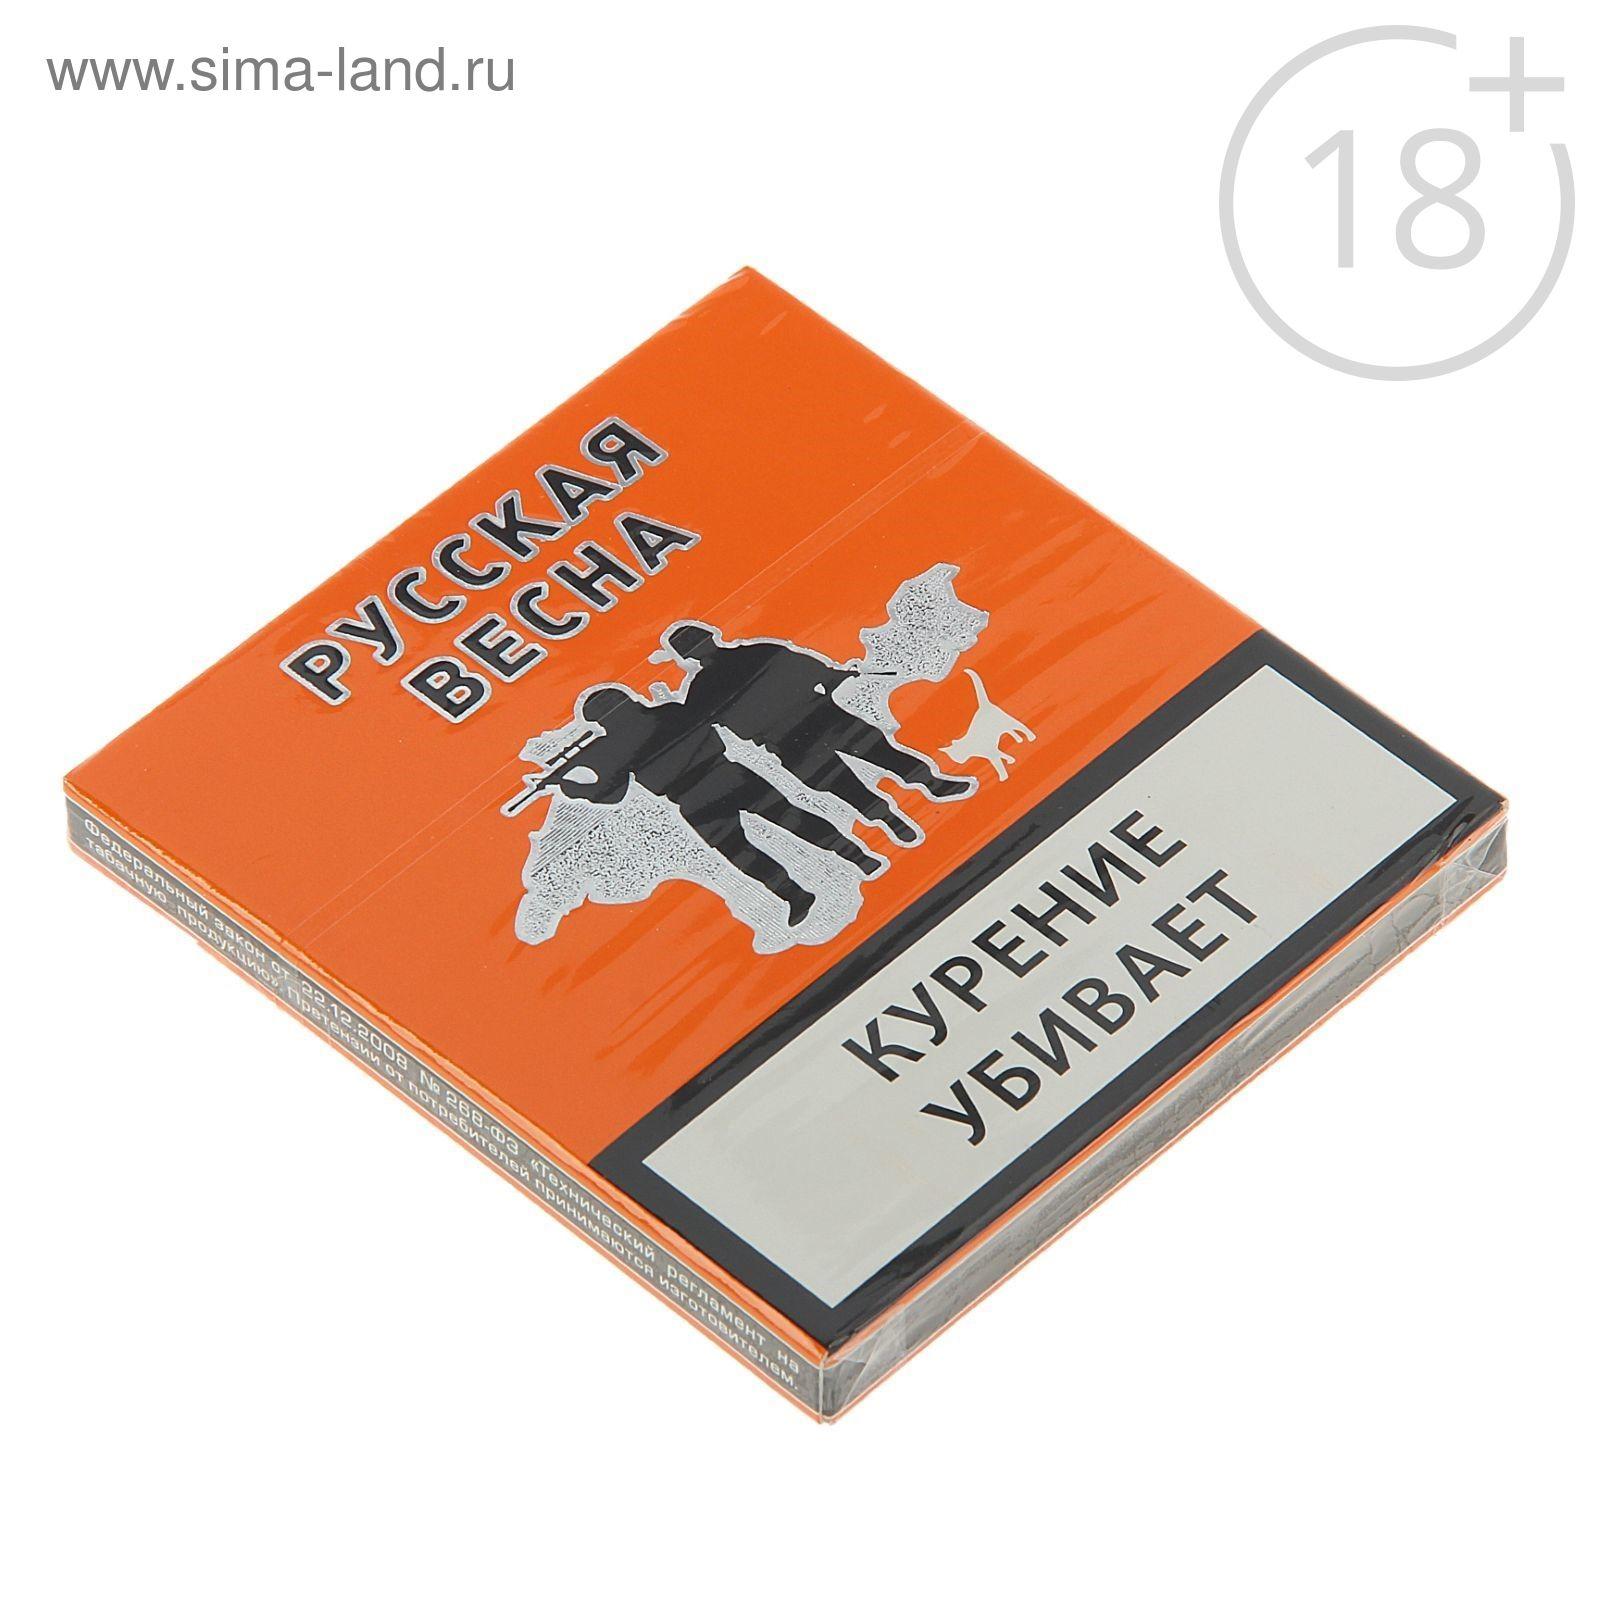 Русская весна сигареты купить как можно купить сигареты в 13